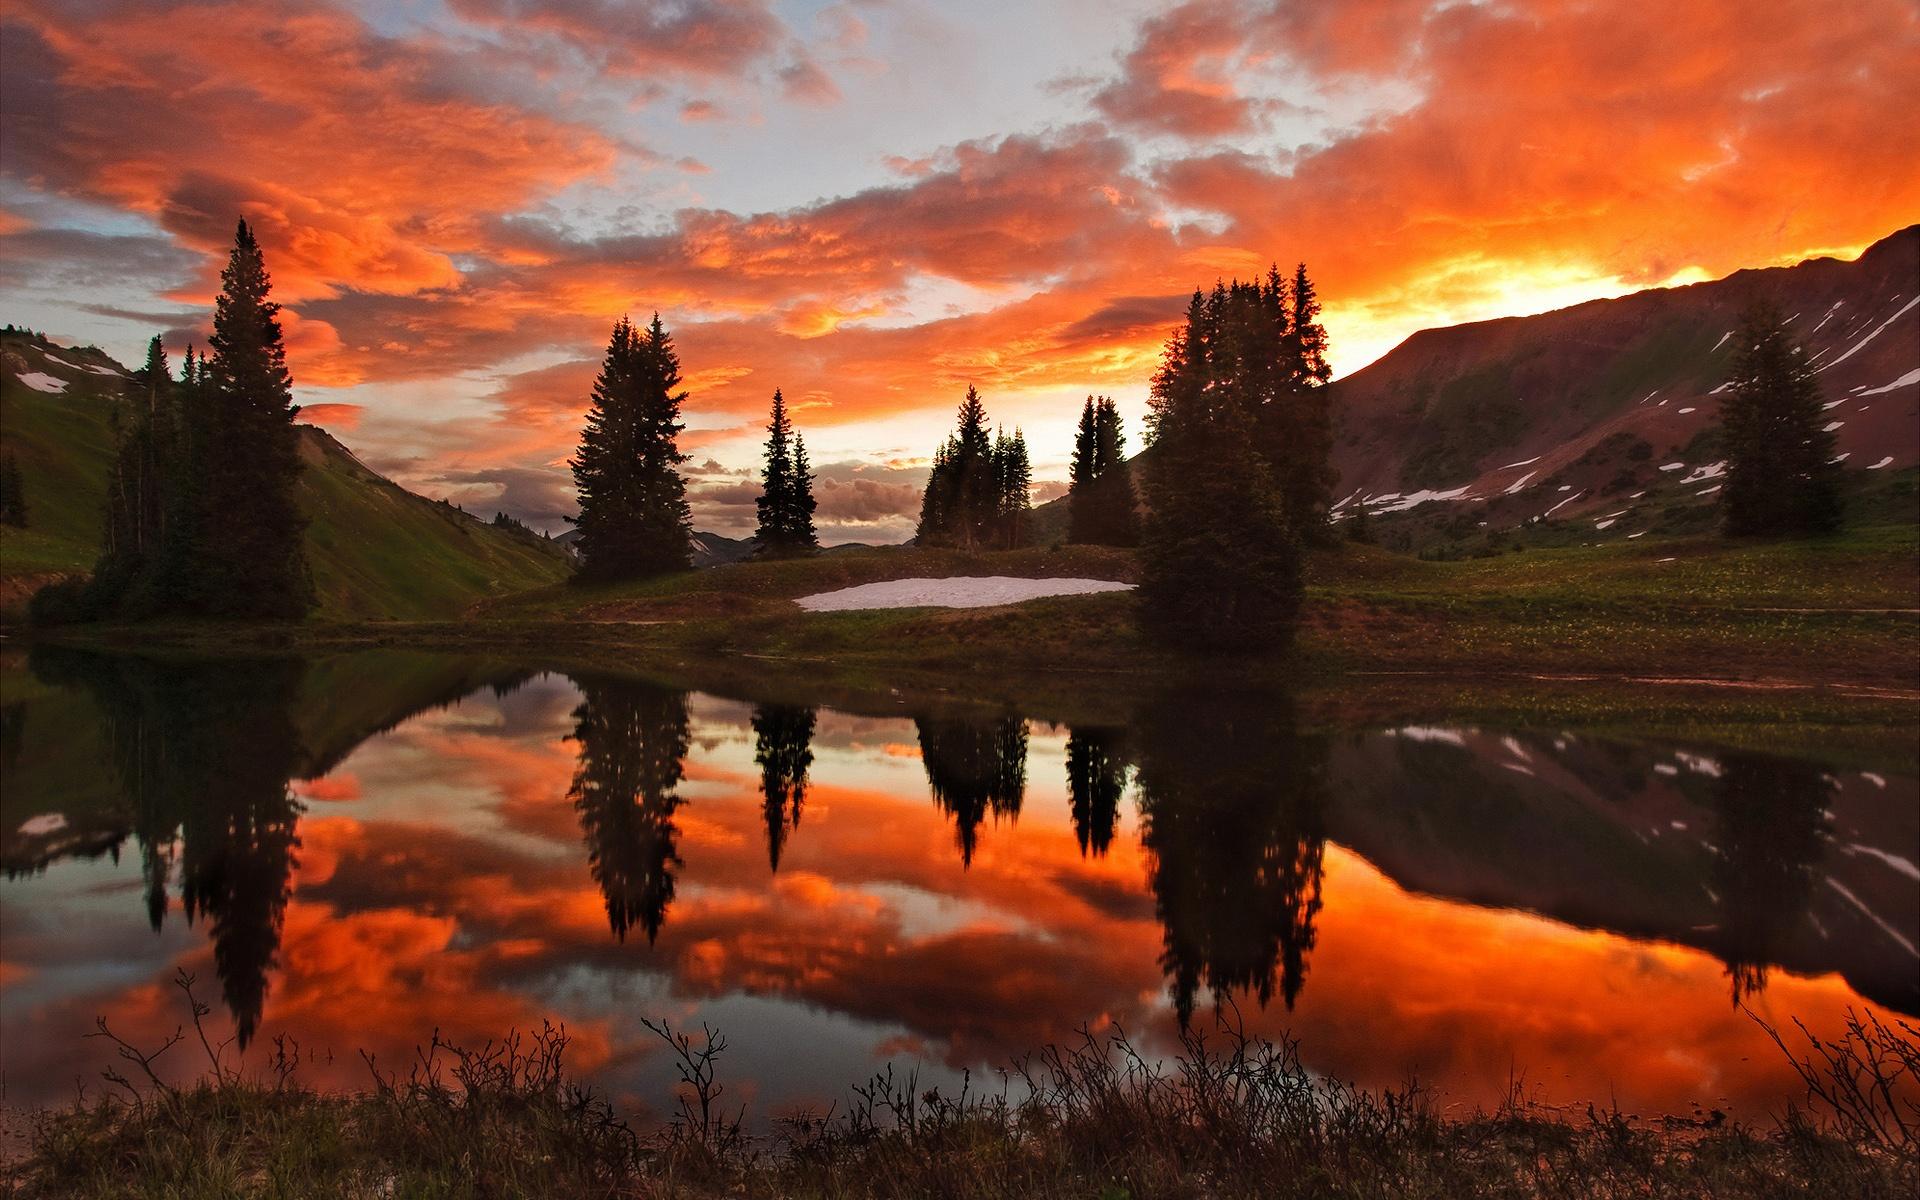 горы озеро деревья закат загрузить